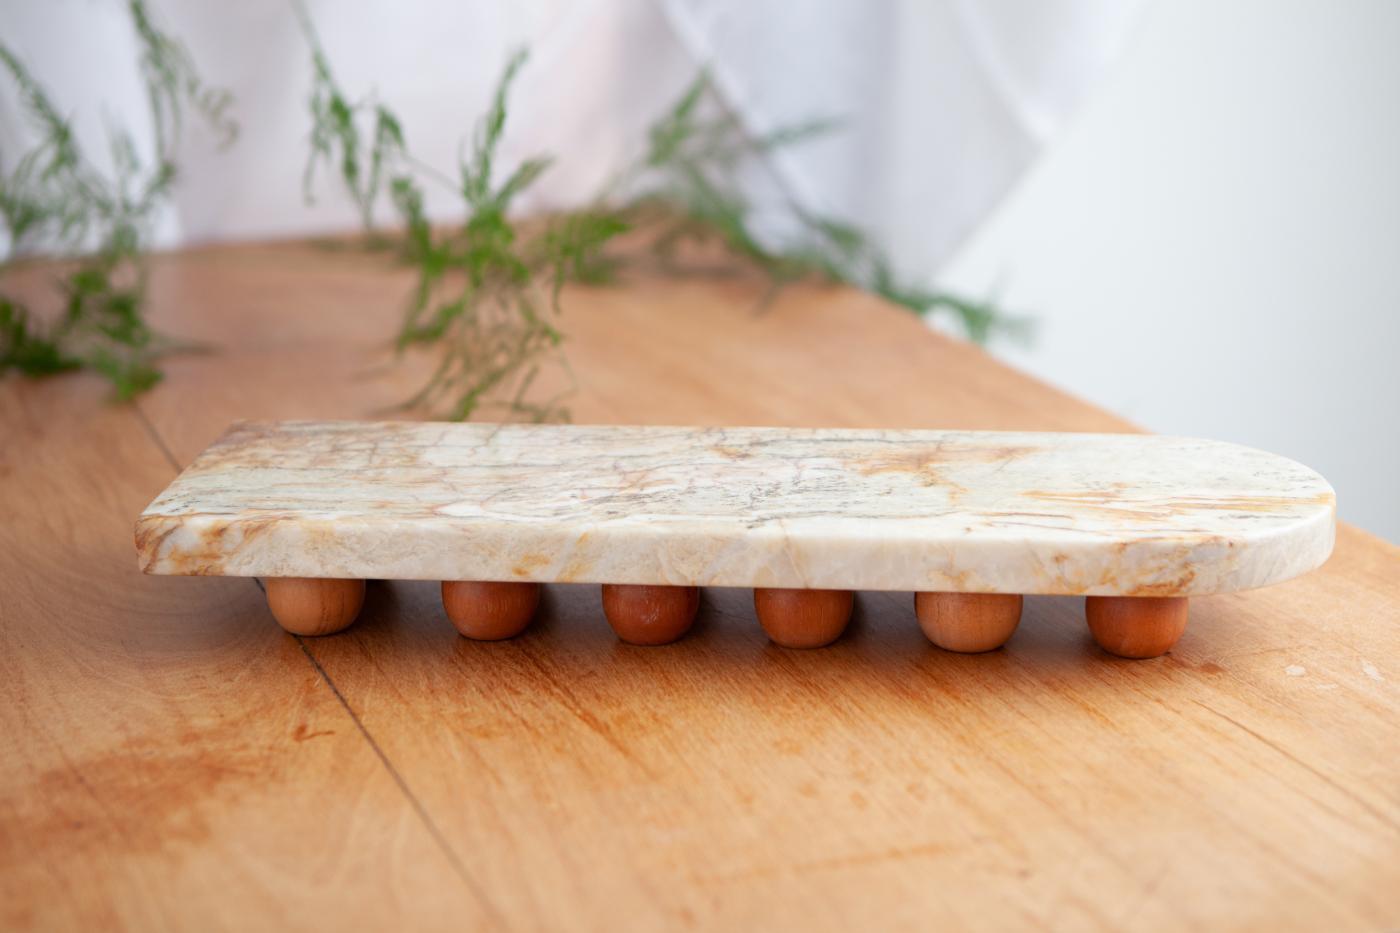 4430-bandeja-em-quartzito-verde-com-bolas-em-madeira-estudio-suka-braga-1-1400